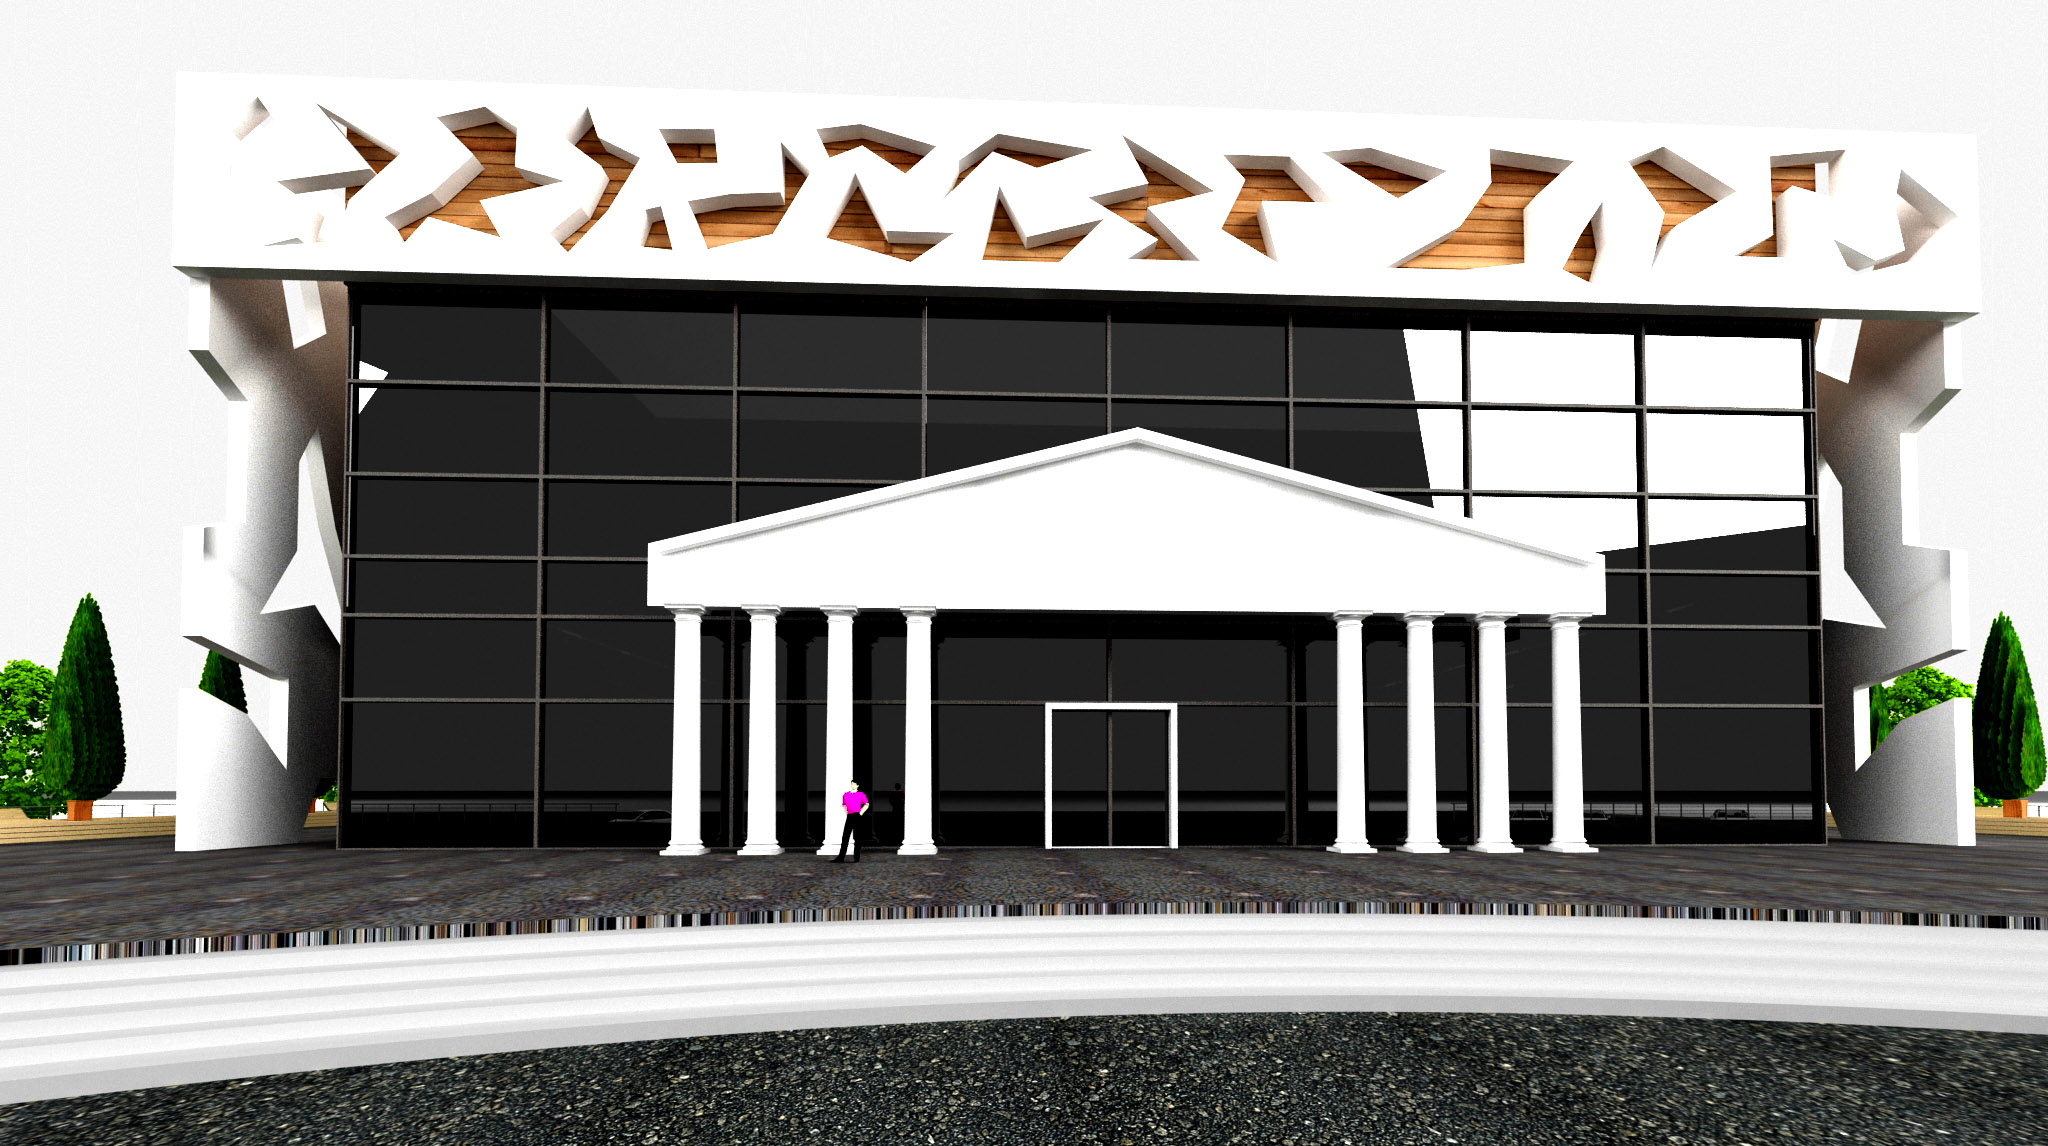 Разработка архитектурной концепции театра оперы и балета фото f_02852f4c9e6179e0.jpg